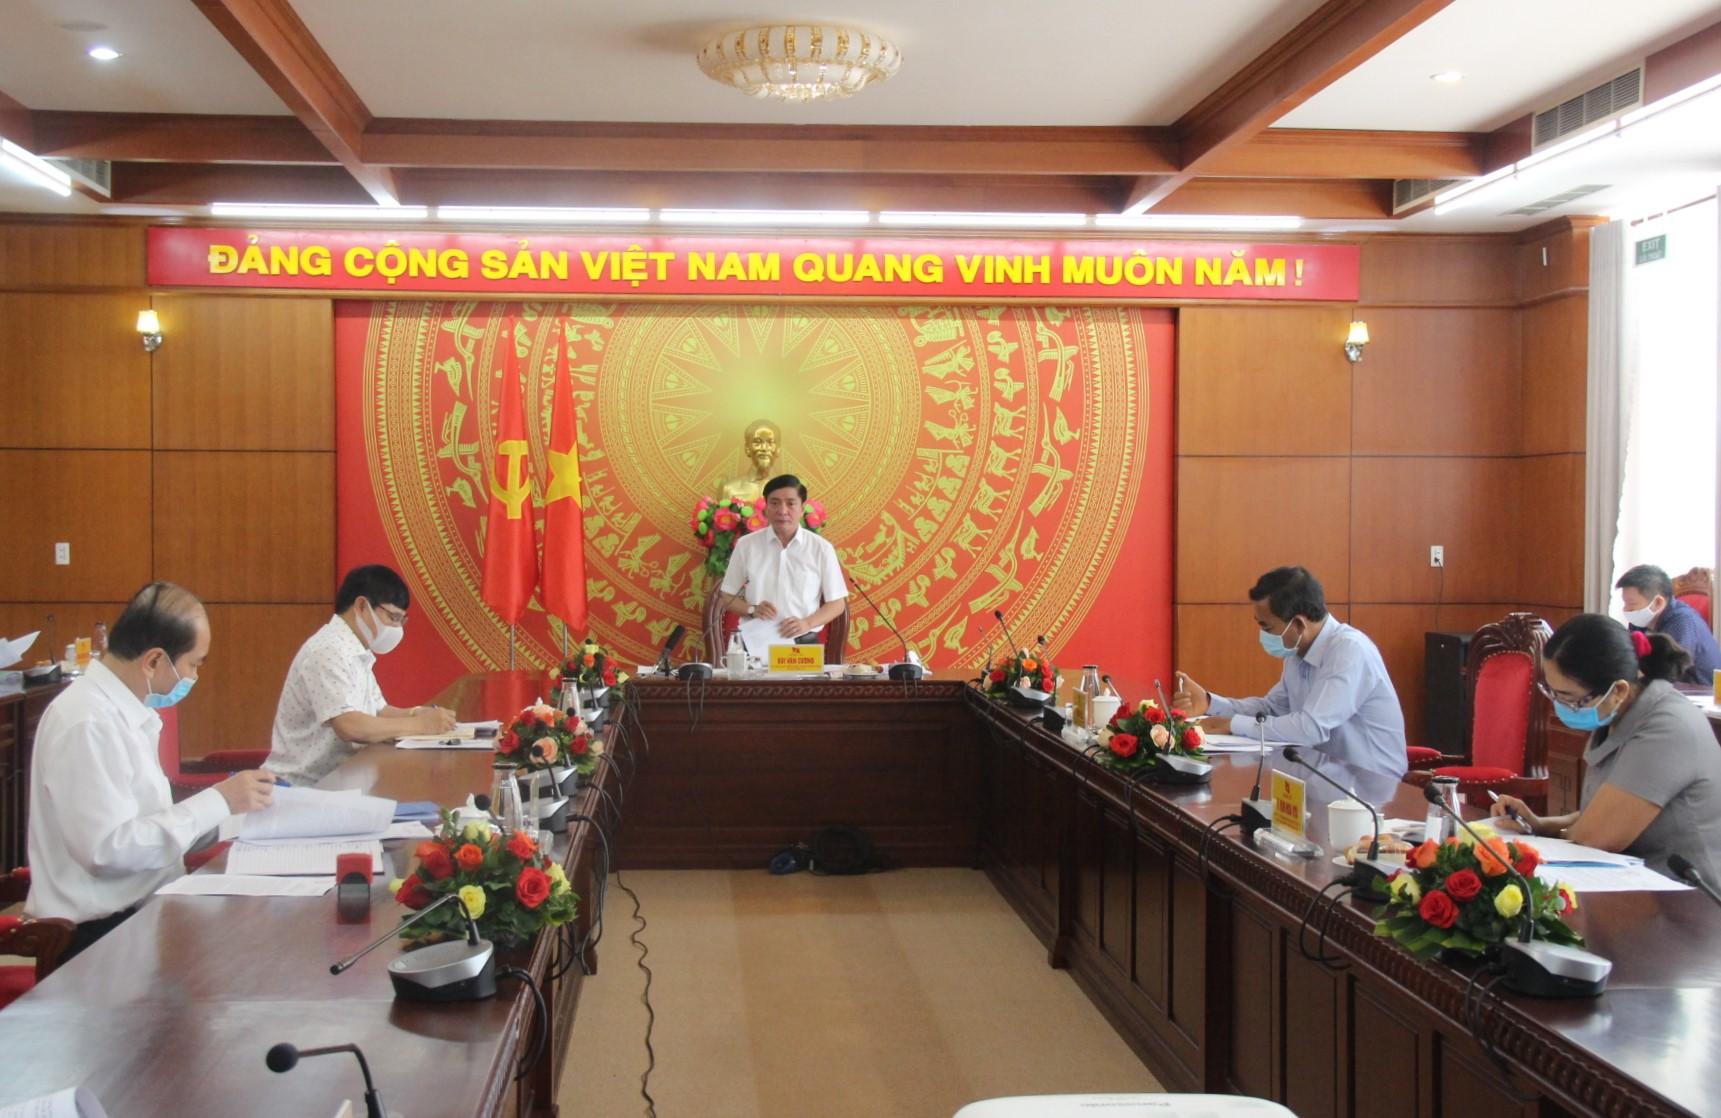 Kết luận của Ban Thường về vụ tiếp tục triển khai các biện pháp phòng, chống dịch bệnh COVID-19 trên địa bàn tỉnh trong tình hình mới